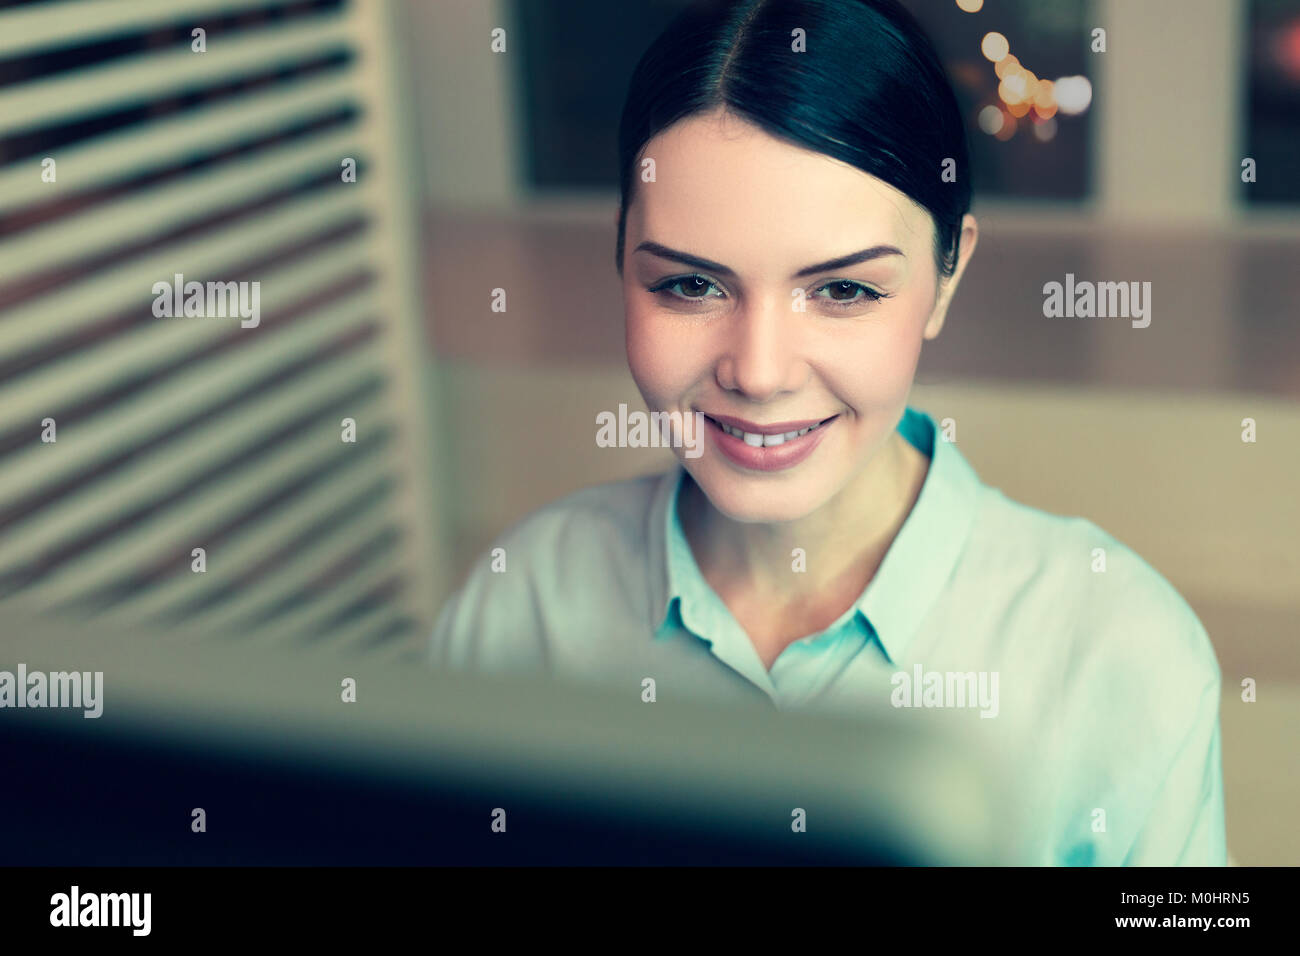 Fröhliche dunkelhaarige Frau Arbeiten am Computer Stockbild